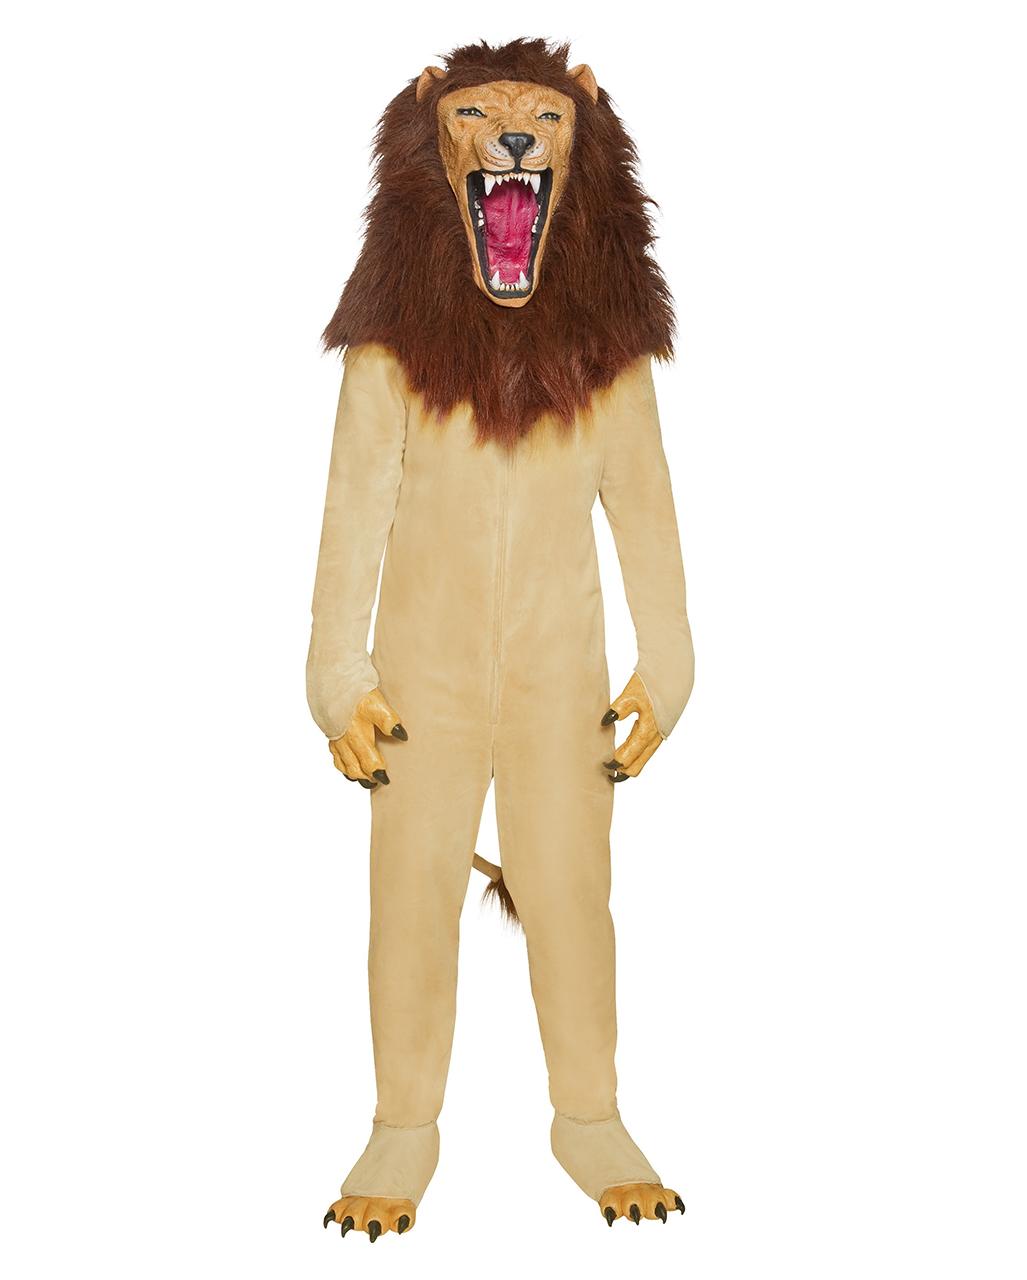 Roaring lion costume Roaring lion costume ...  sc 1 st  Horror-Shop & Roaring lion costume | Creepy lion disguise for Halloween | horror ...